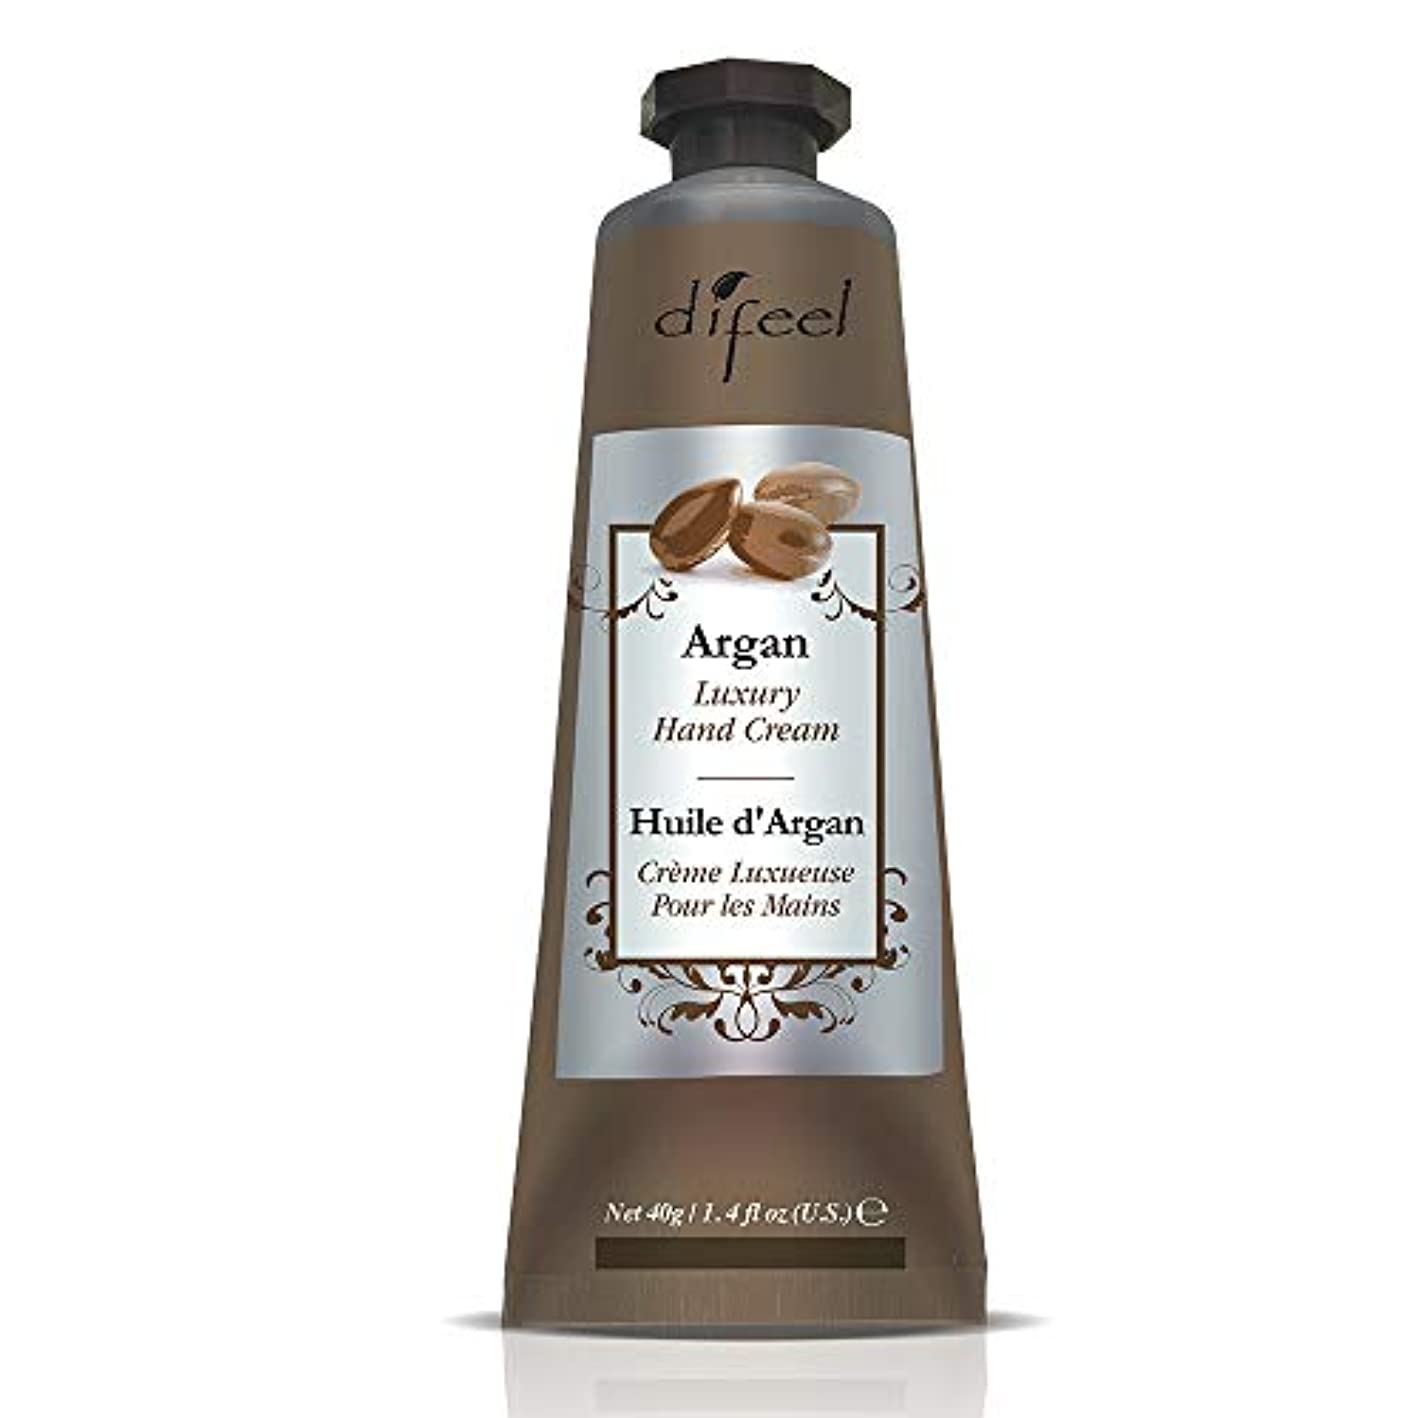 注釈拮抗する変装したDifeel(ディフィール) アルガン ナチュラル ハンドクリーム 40g ARGAN 12ARG New York 【正規輸入品】